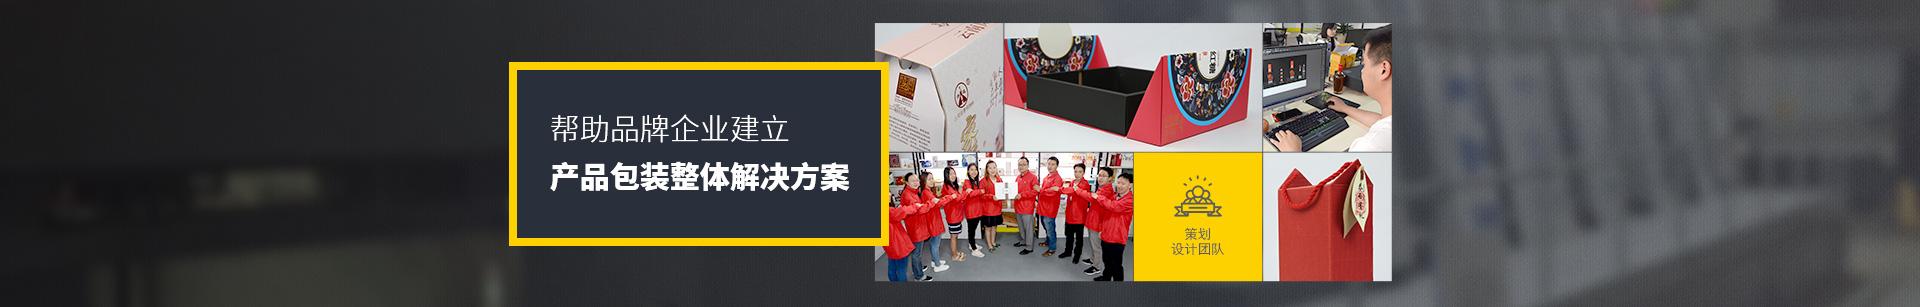 包掌柜帮助企业建立产品包装整体解决方案